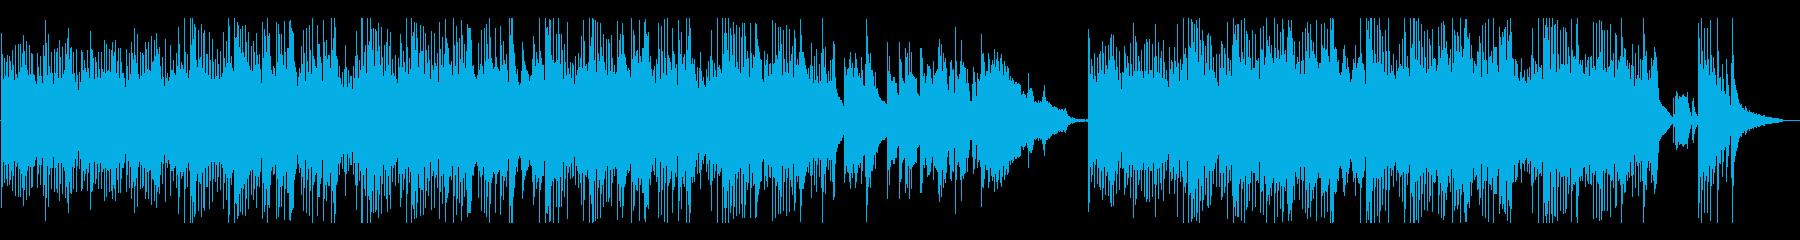 ヒーリング系オリエンタル音楽の再生済みの波形